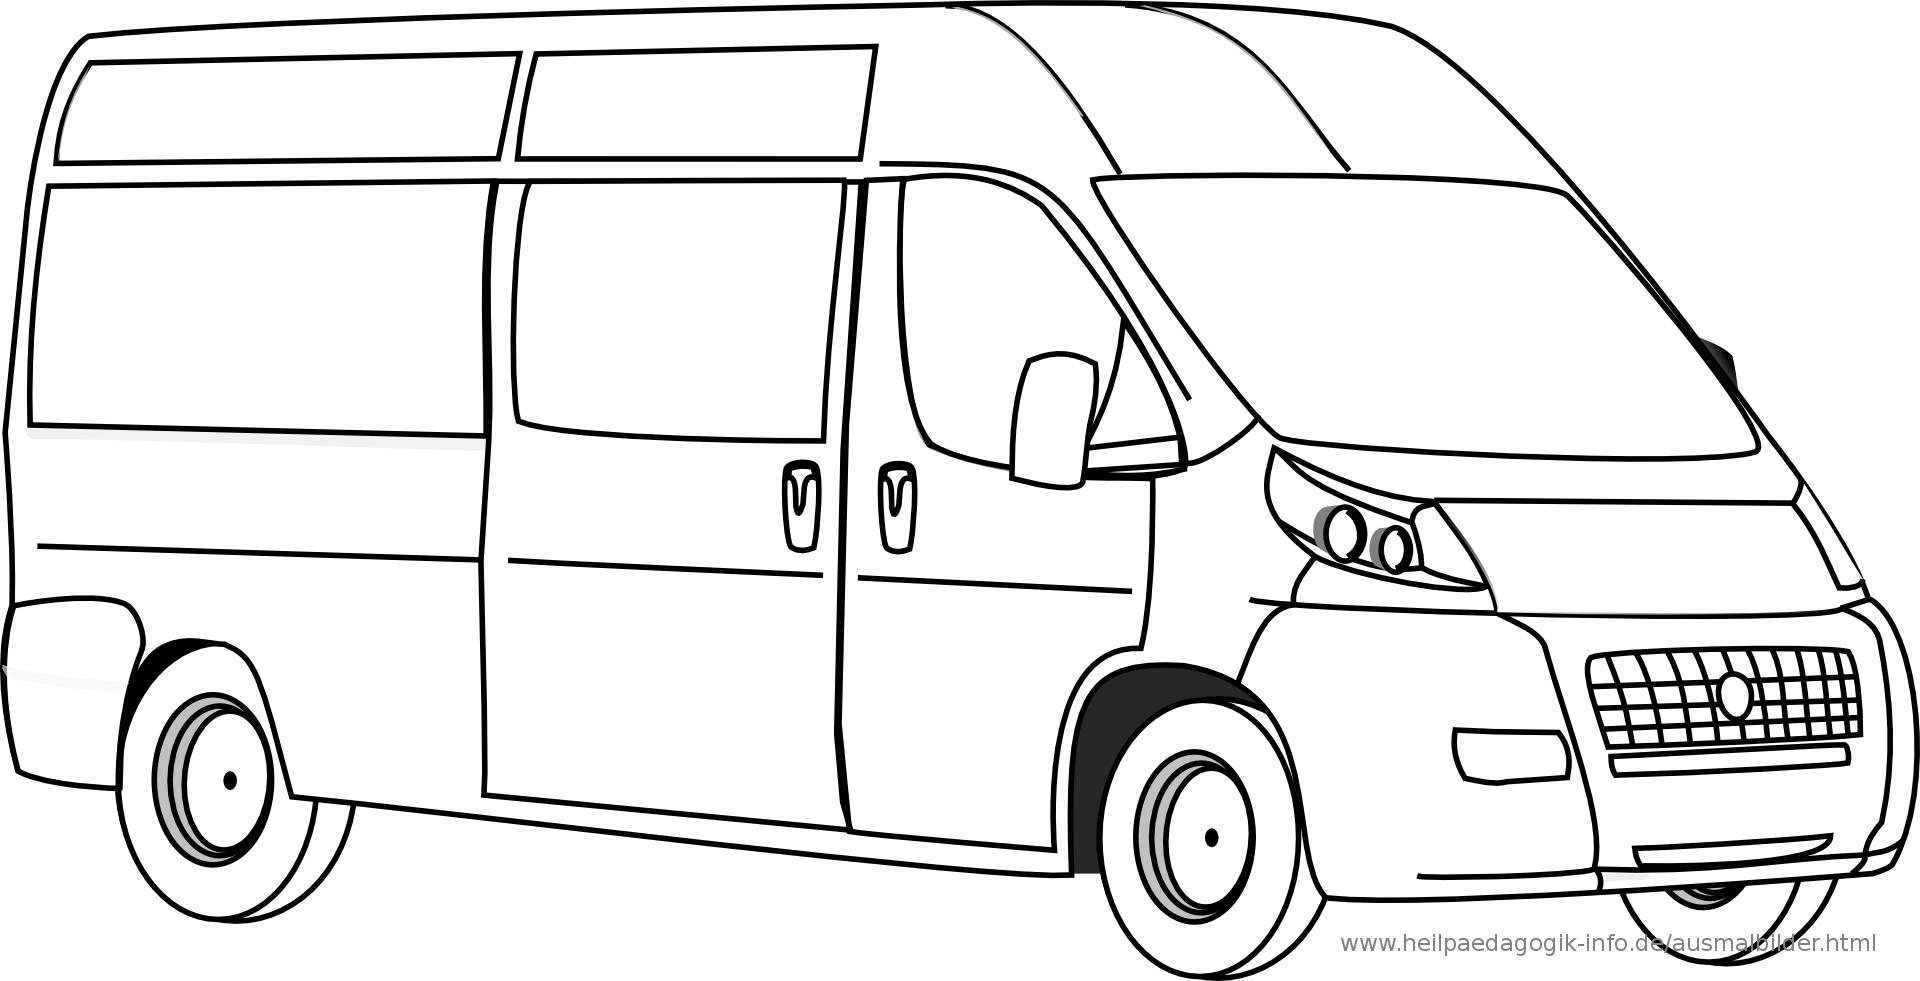 Ausmalbilder Autos Transporter | ausmalbilder | Pinterest ...